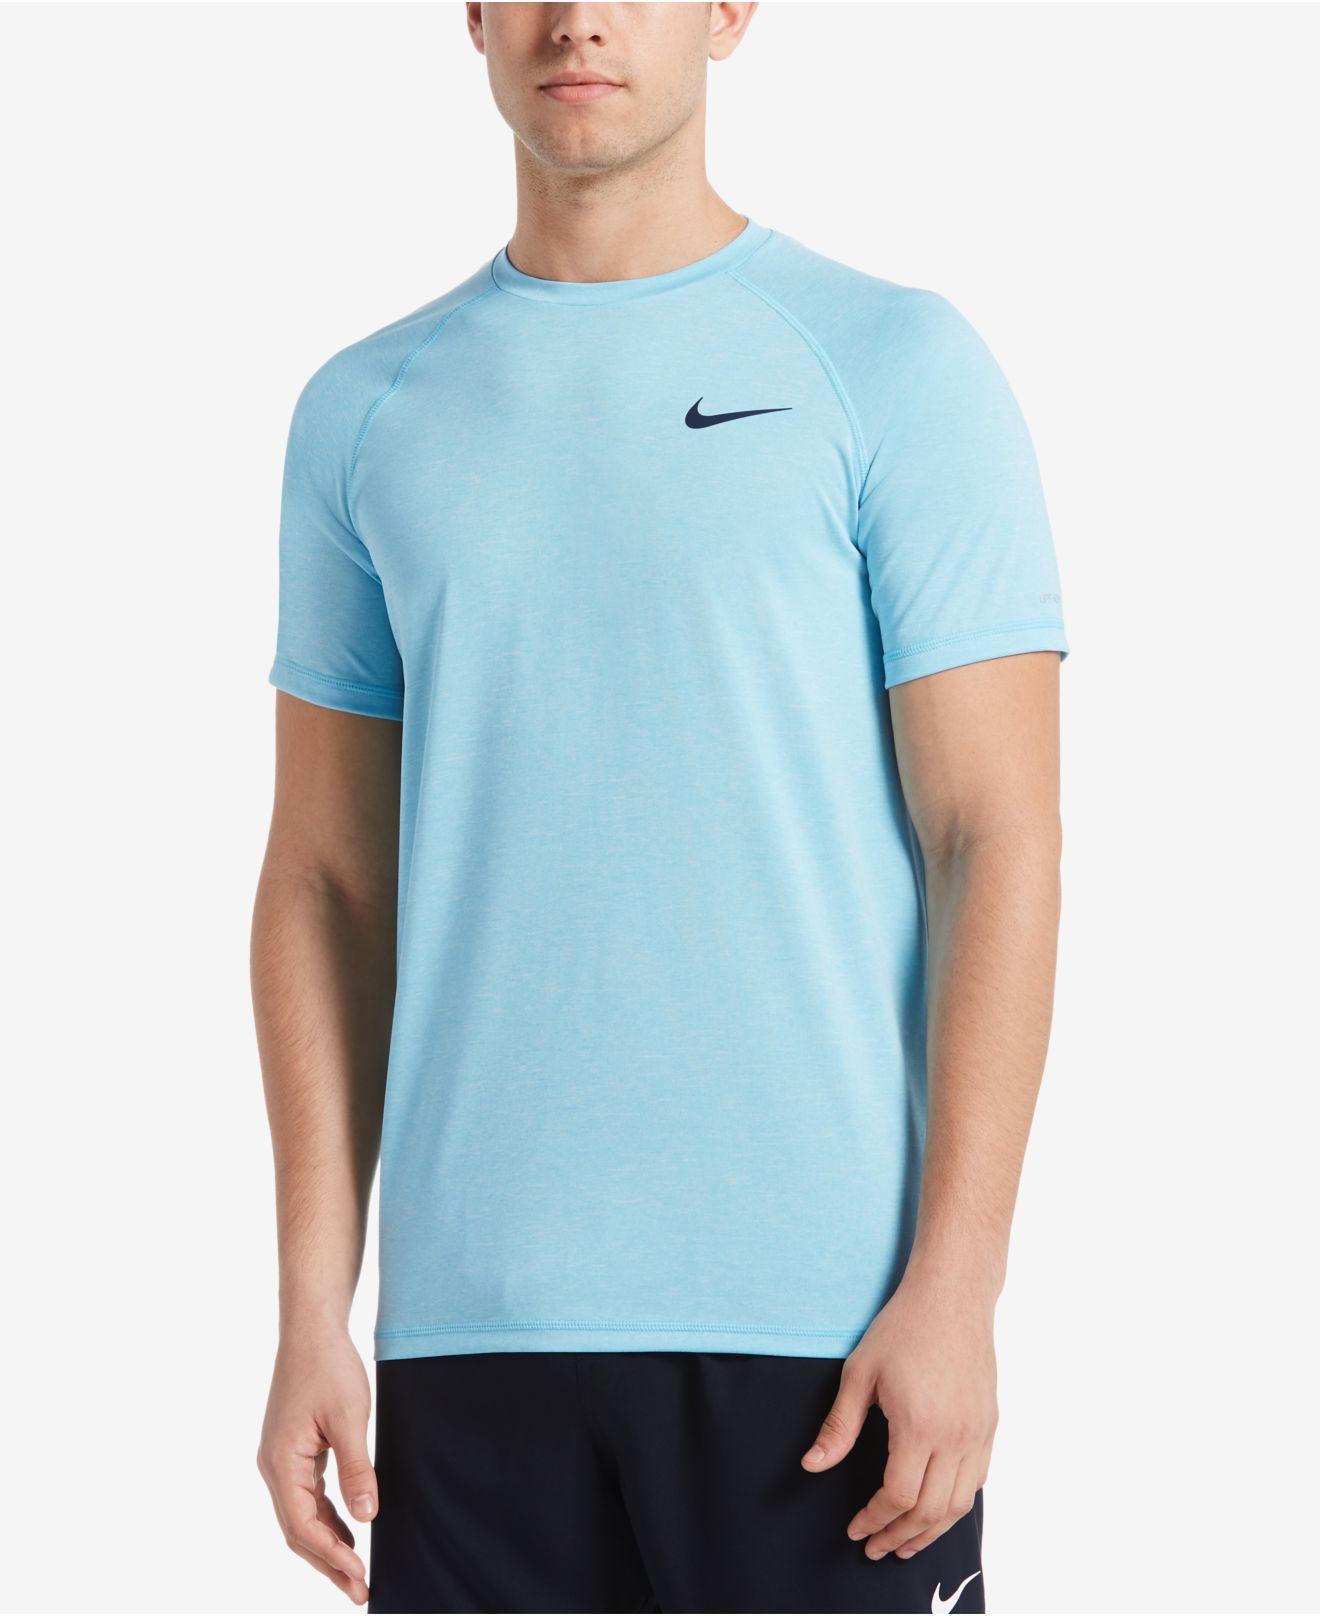 627c140f Nike. Men's Blue Big & Tall Dri-fit Heather Hydroguard Upf 40 Rashguard  Swim Tee